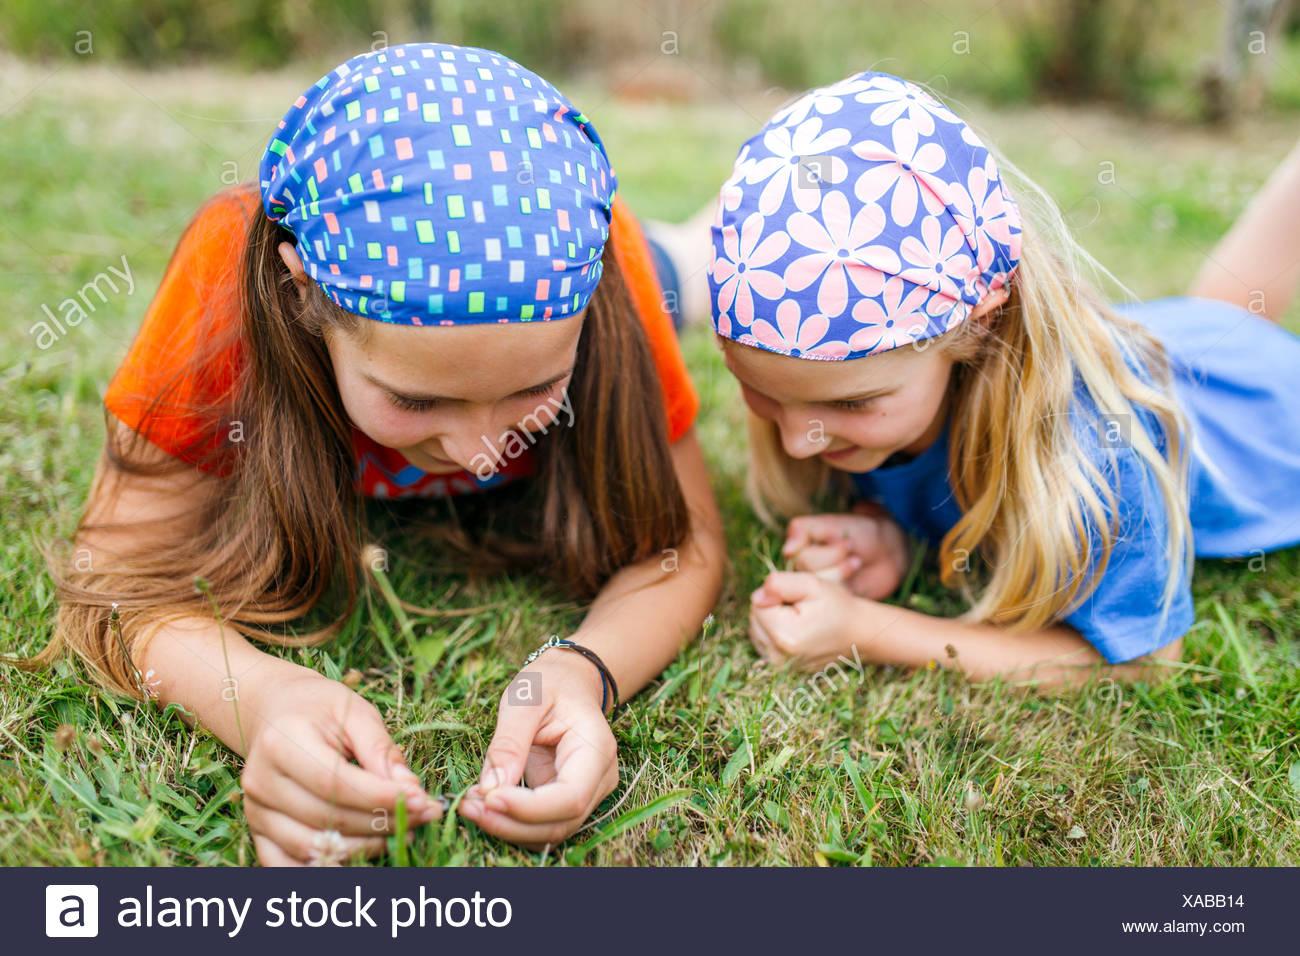 Zwei kleine Schwestern auf einer Wiese liegend Stockbild